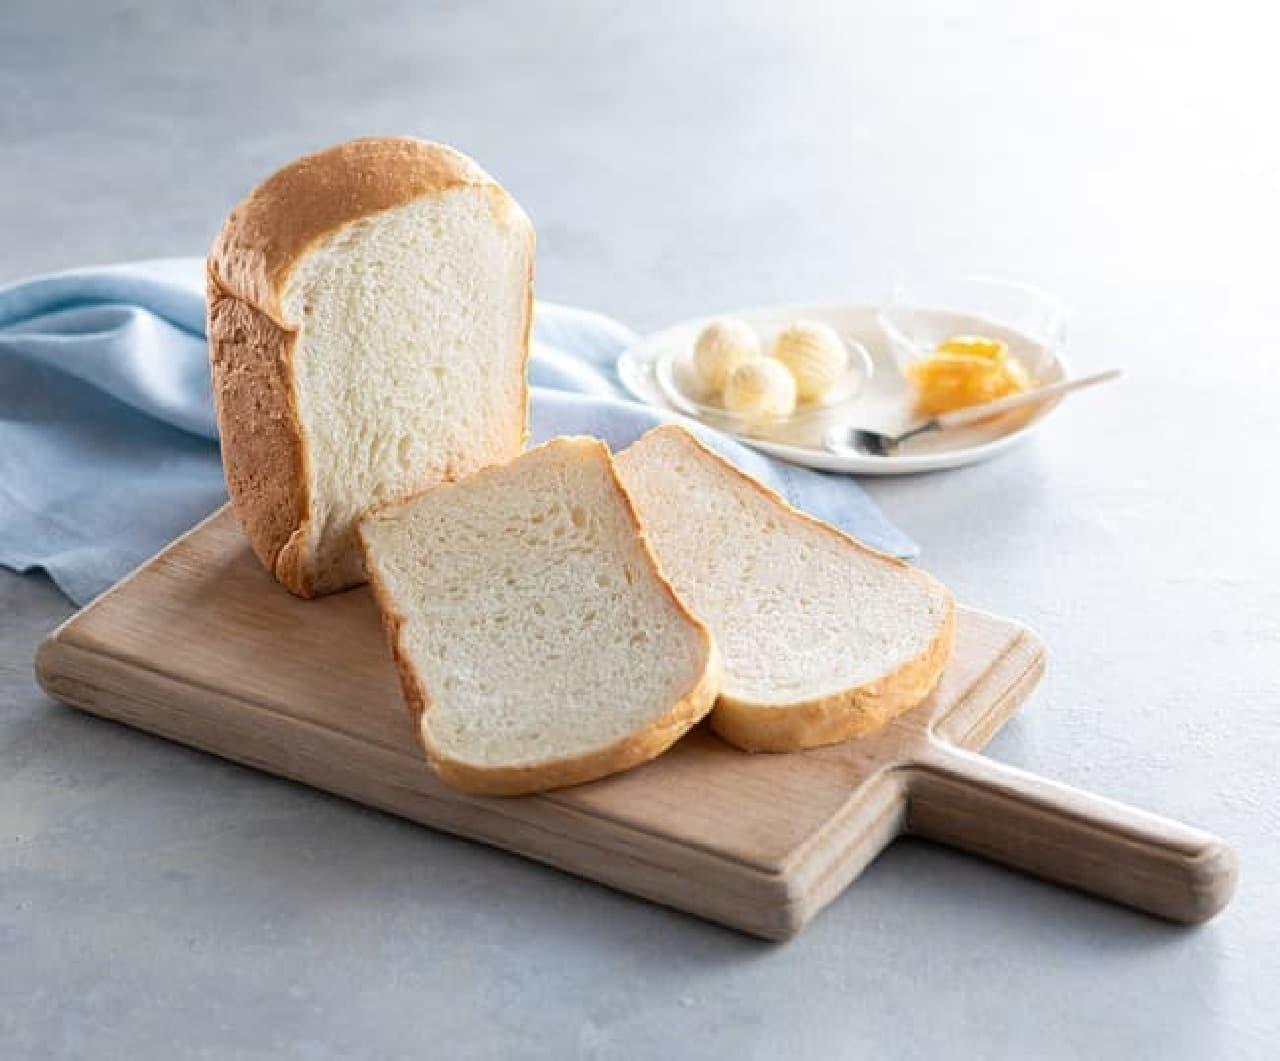 パナソニックからホームベーカリー「ビストロ」SD-MDX4 -- 生食パン・低糖質パン作りにも